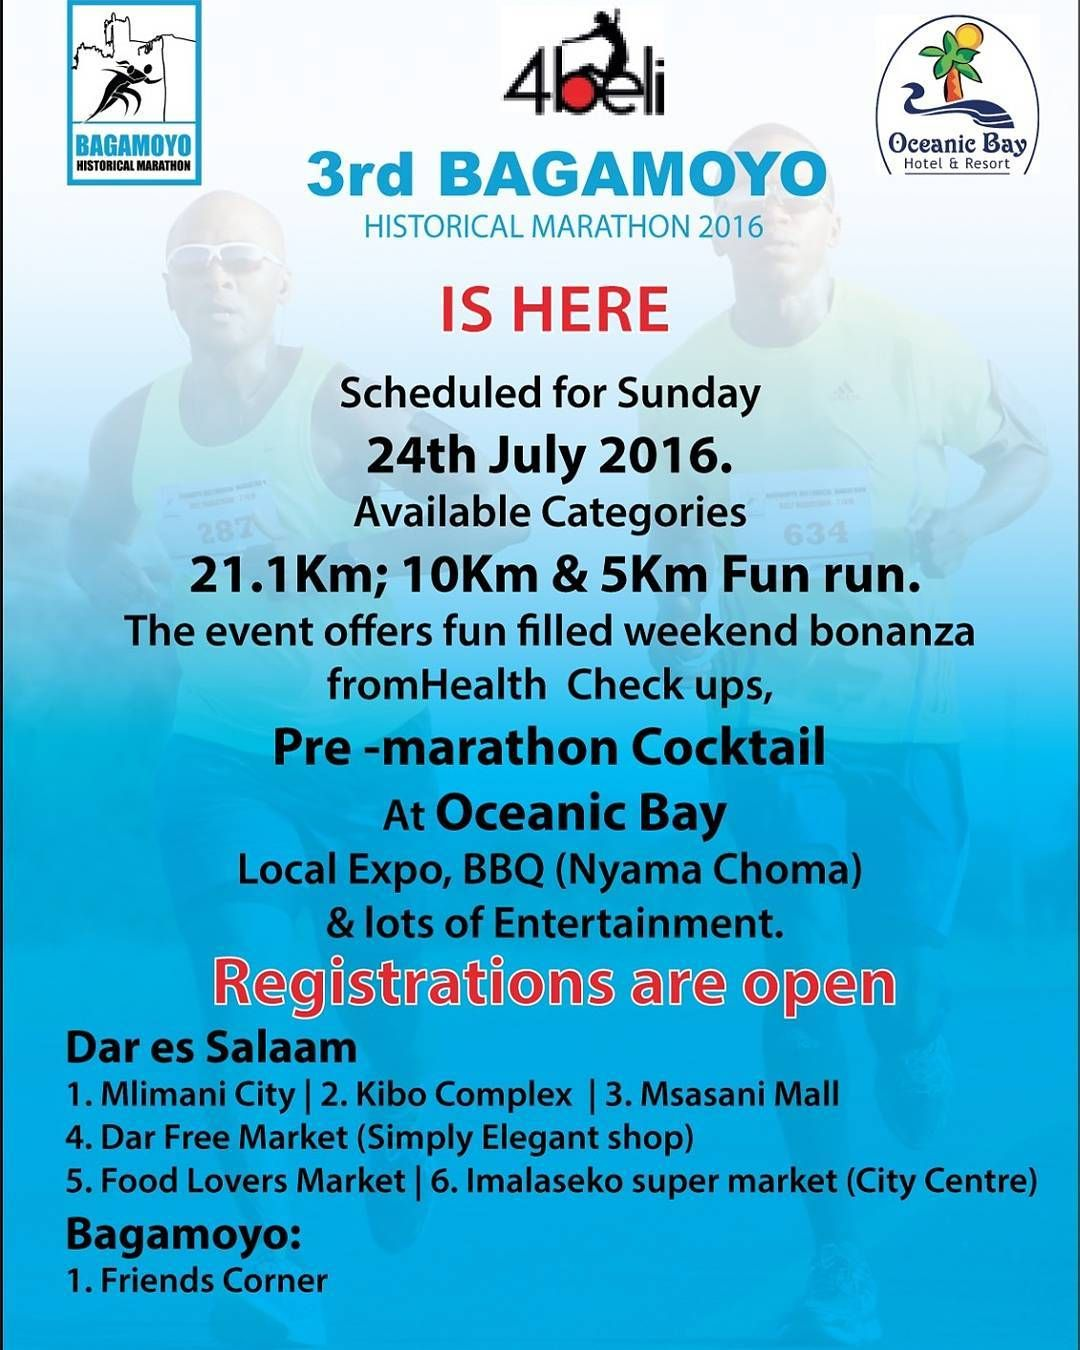 Kwa maelezo zaidi  CC:0655550066 or info@bagamoyomarathon.co.tz  For more info  CC:0655550066 or info@bagamoyomarathon.co.tz  #StopNonCommunicableDiseases #StartRunning #4DaysToGo #BagamoyoHistoricalHalfMarathon #OceanicBayHotelAndResort #4Beli #VisionInvestments #Bagamoyo